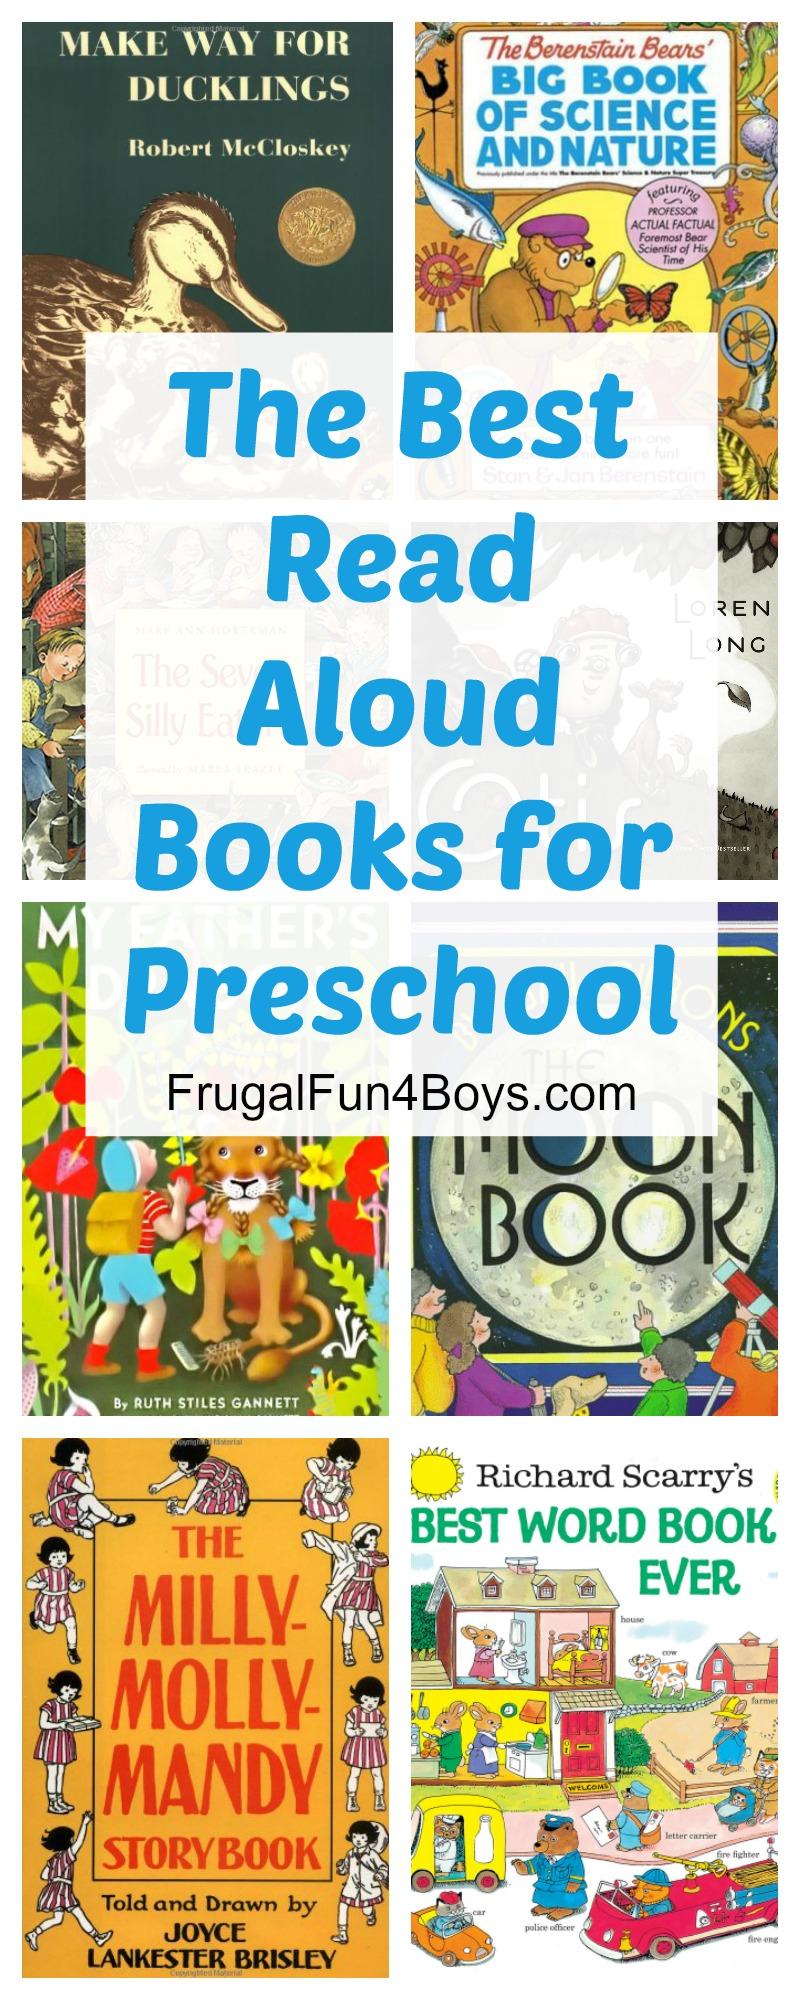 The Best Read-Aloud Books for Preschool